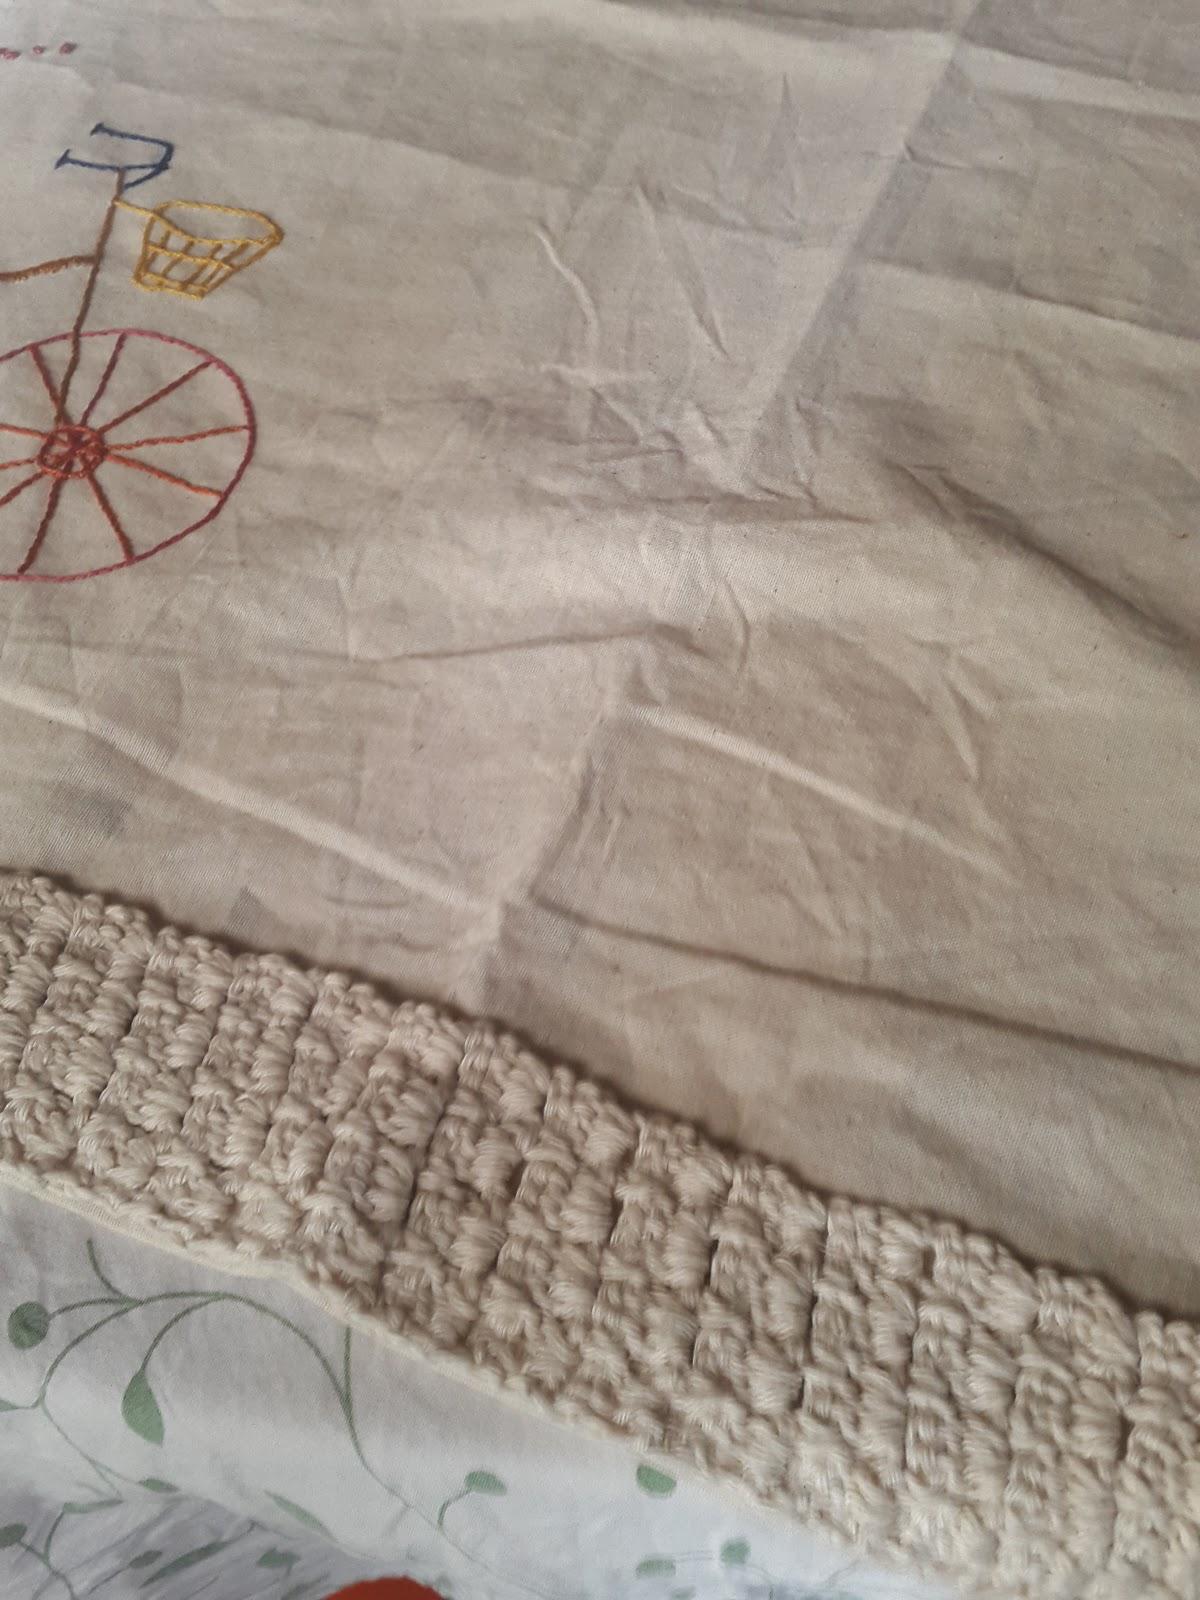 diagrama de despliegue al fin nos encontramos risotto piamontes y mantelito